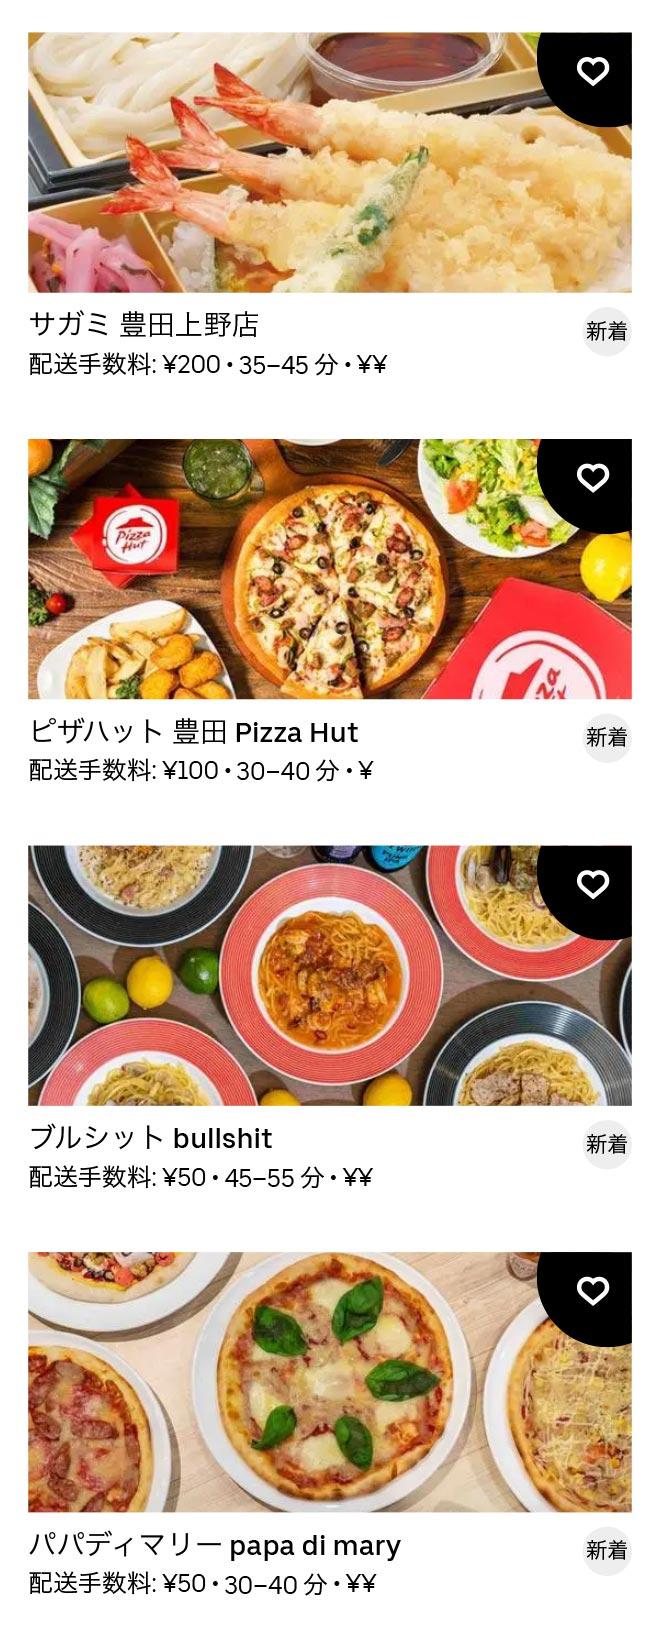 Toyotashi menu 2012 08